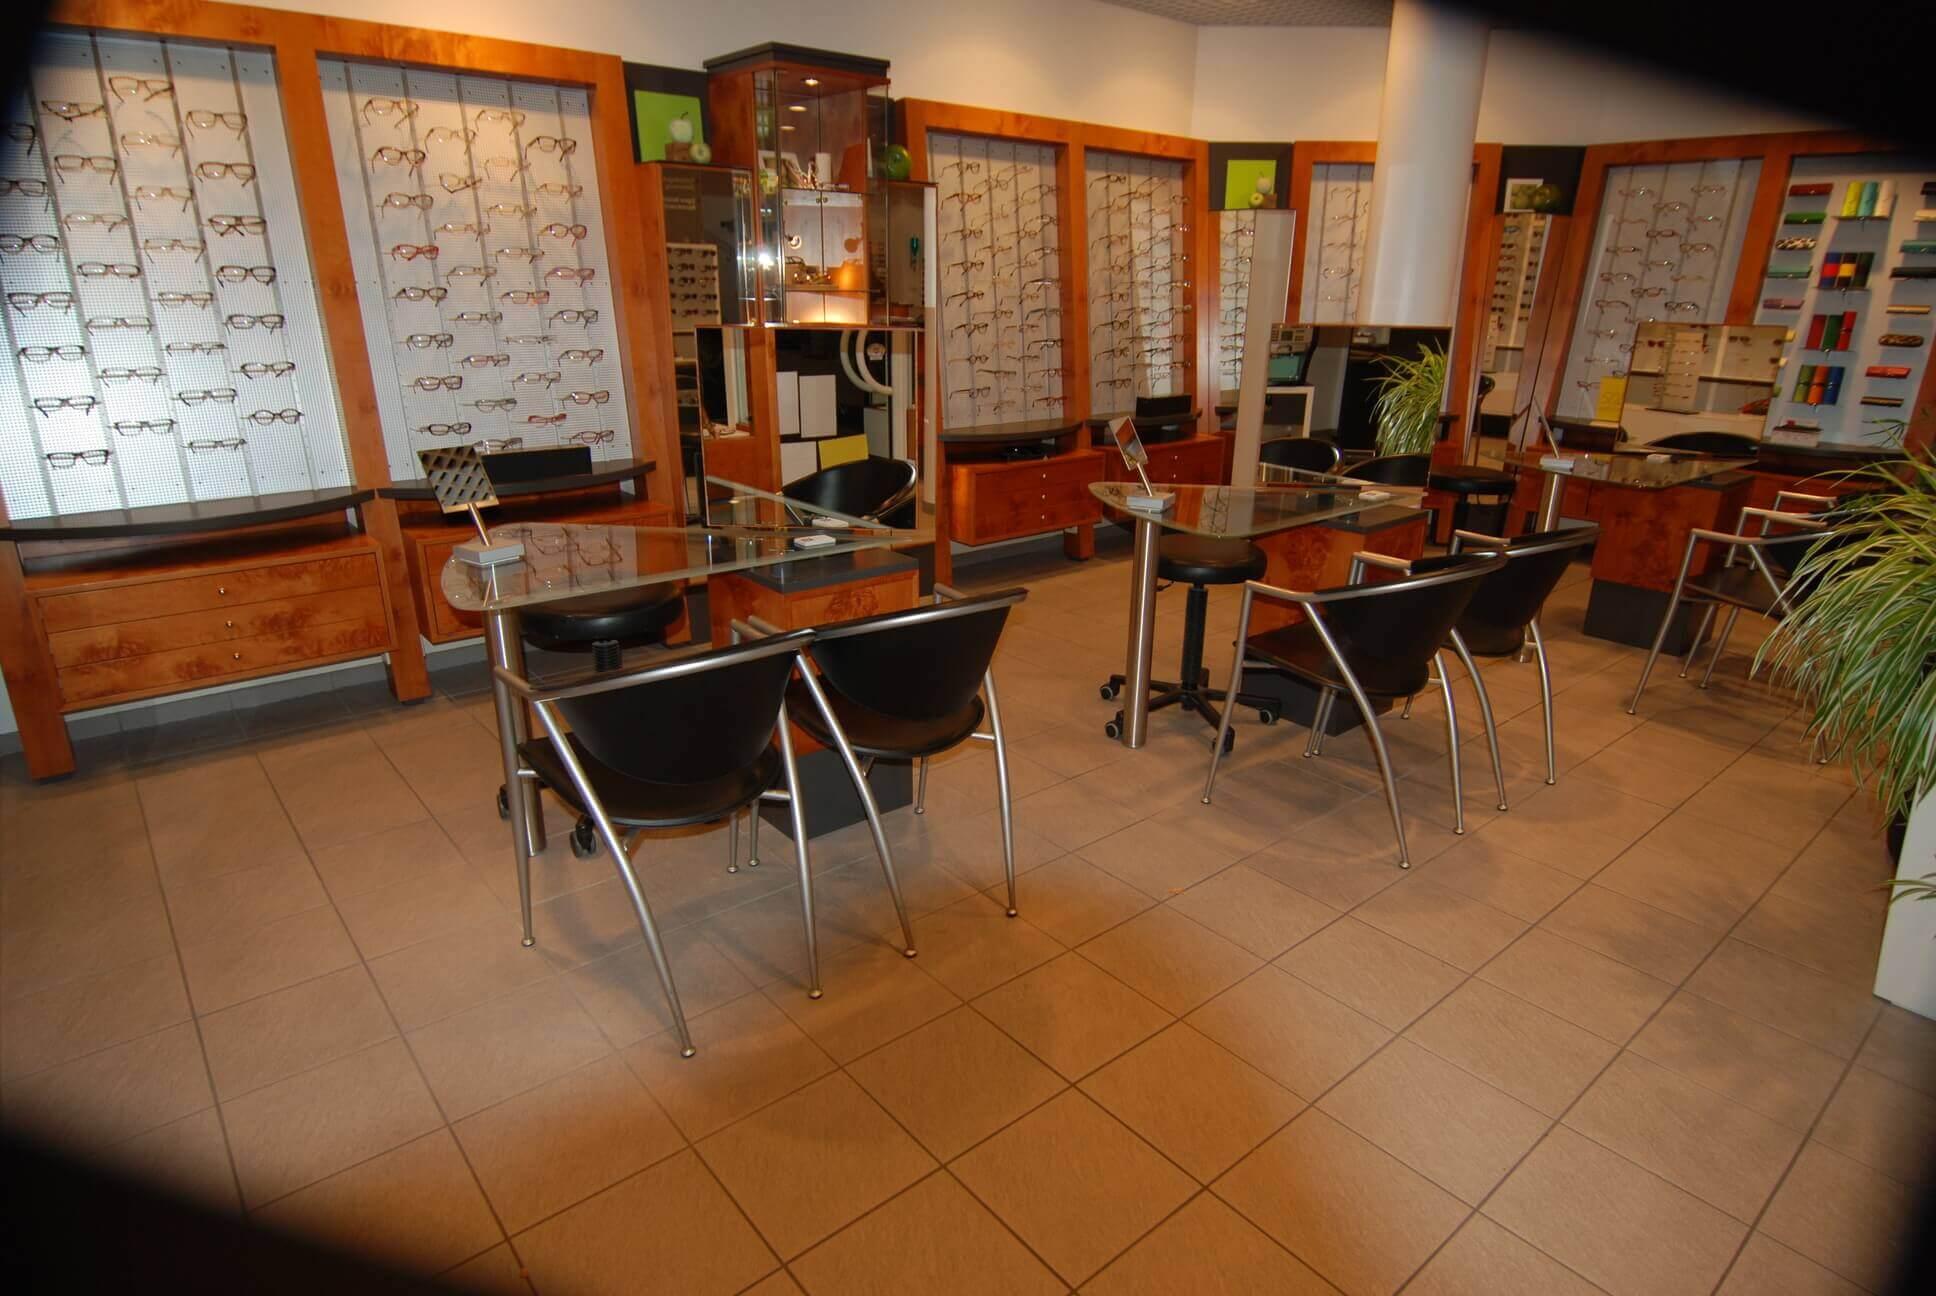 Umbau und Renovierung eines Optikerladens